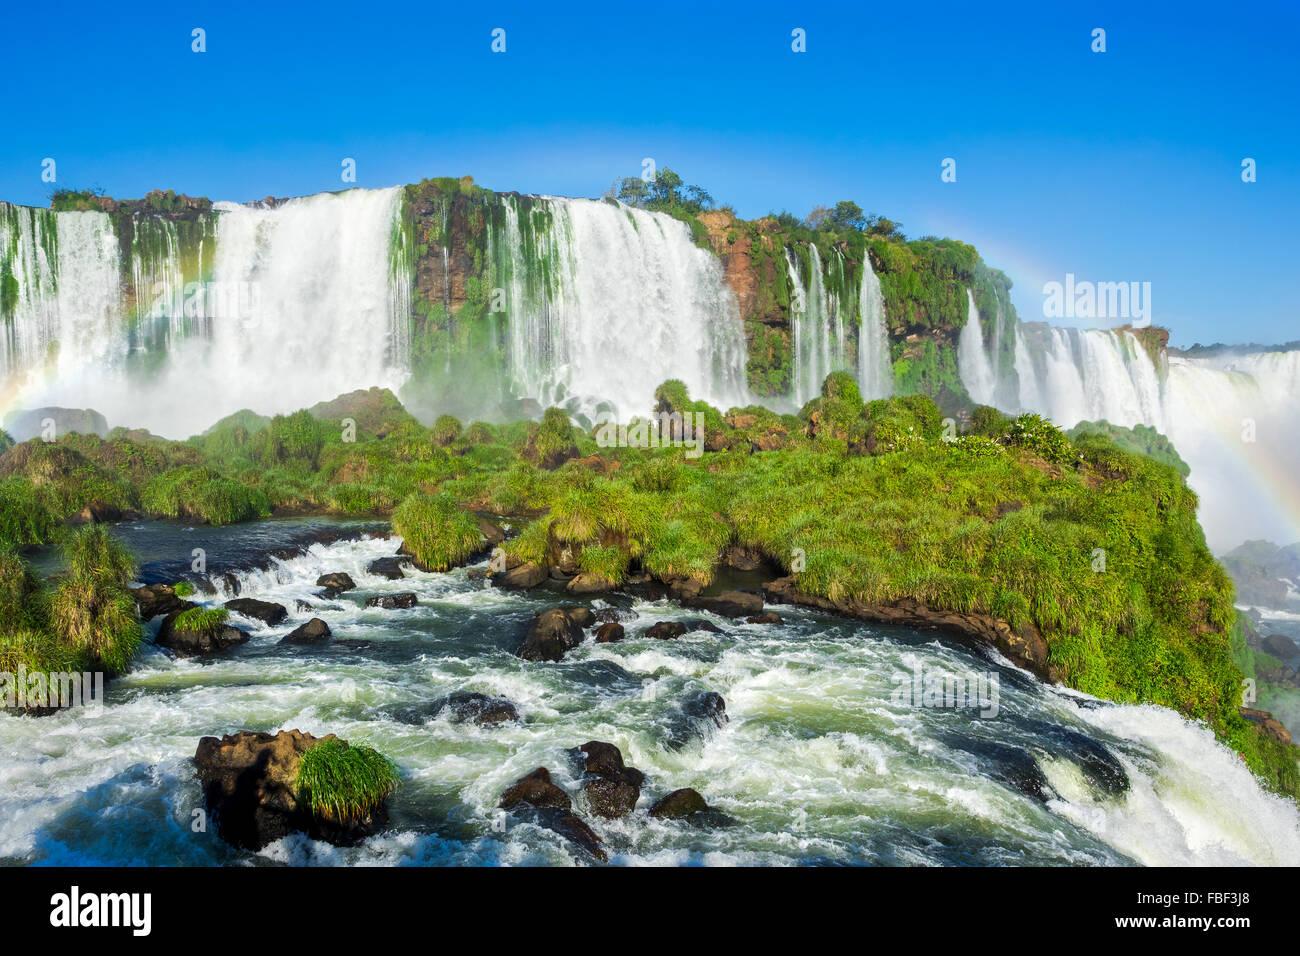 Cascate di Iguazu, al confine di Argentina, Brasile e Paraguay. Immagini Stock